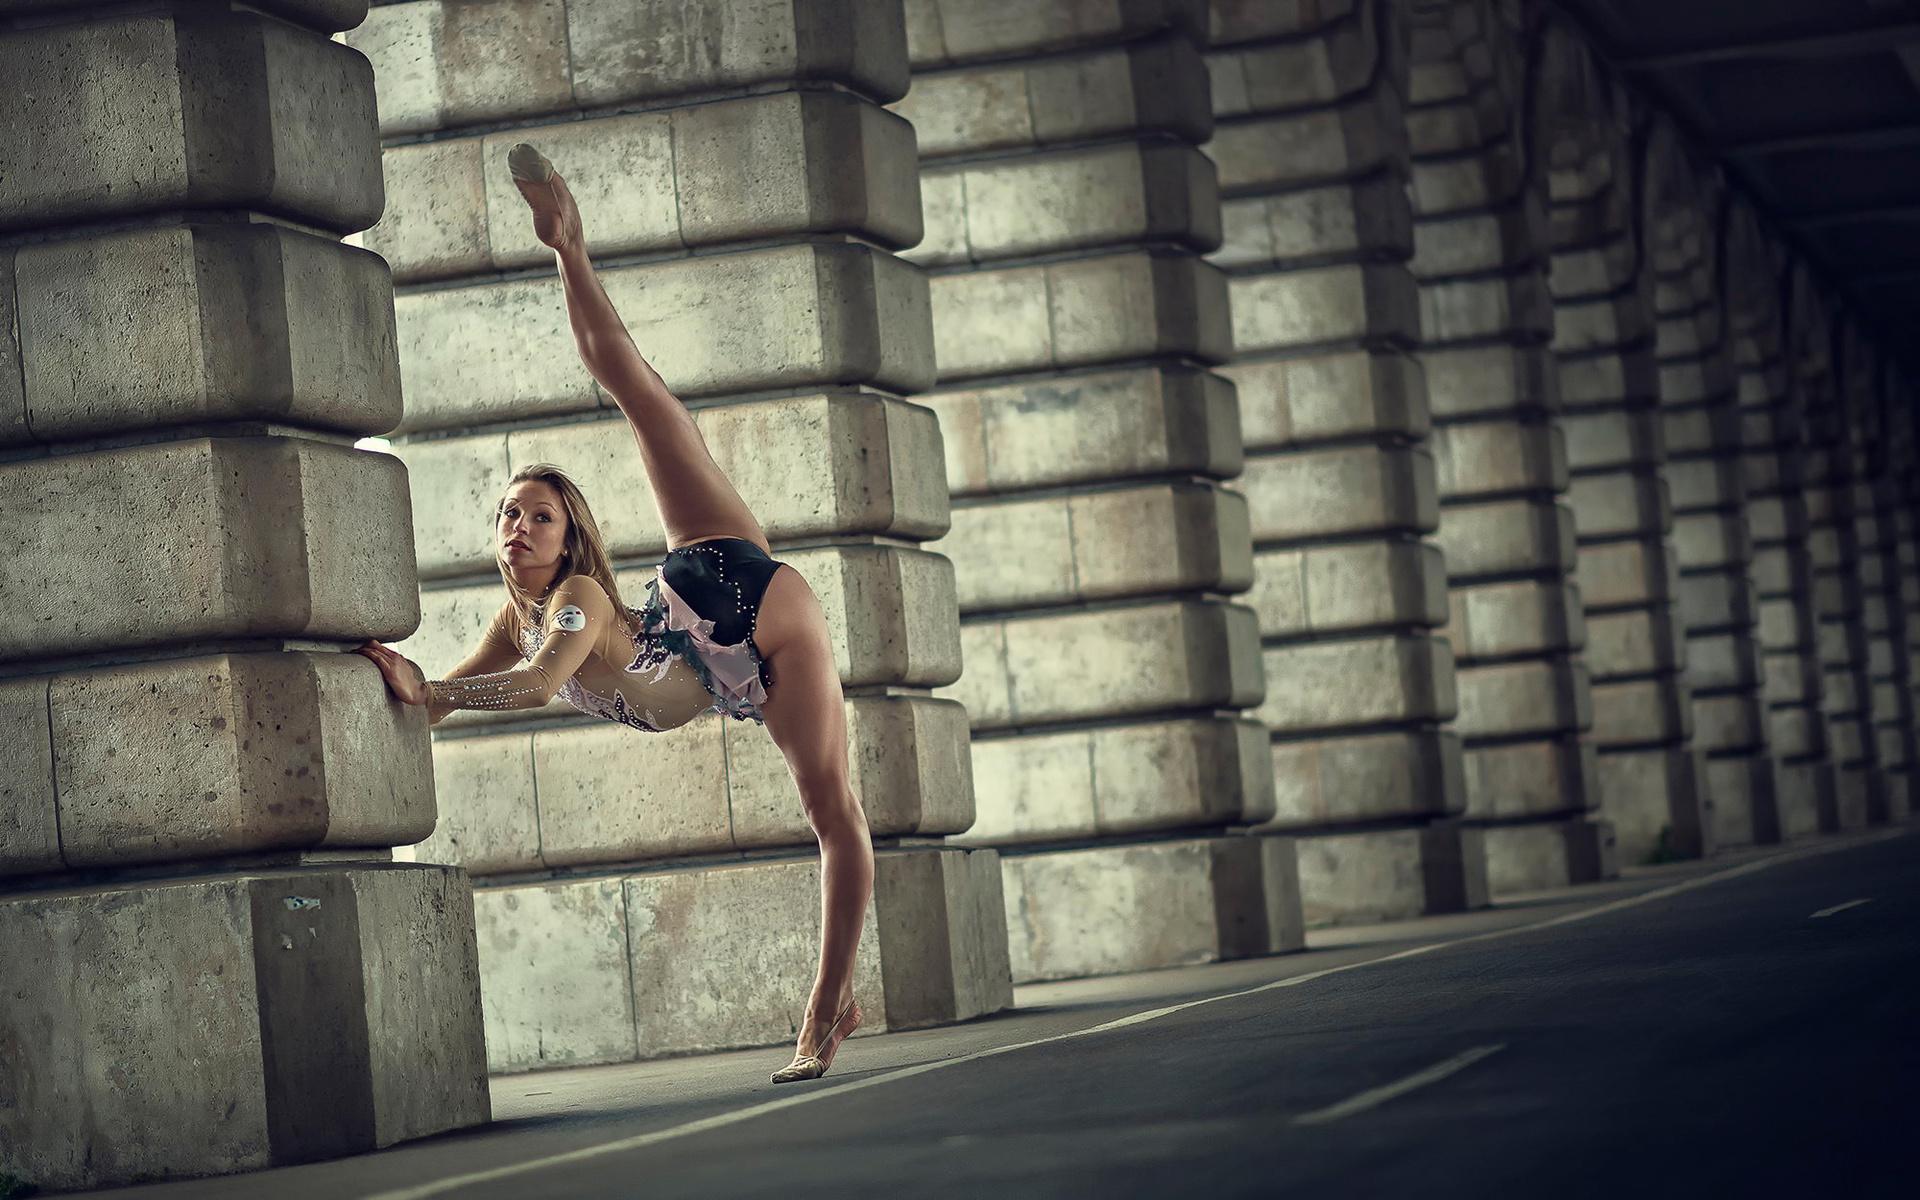 спортсменки гимнастки фото растяжка отправляется поиск места